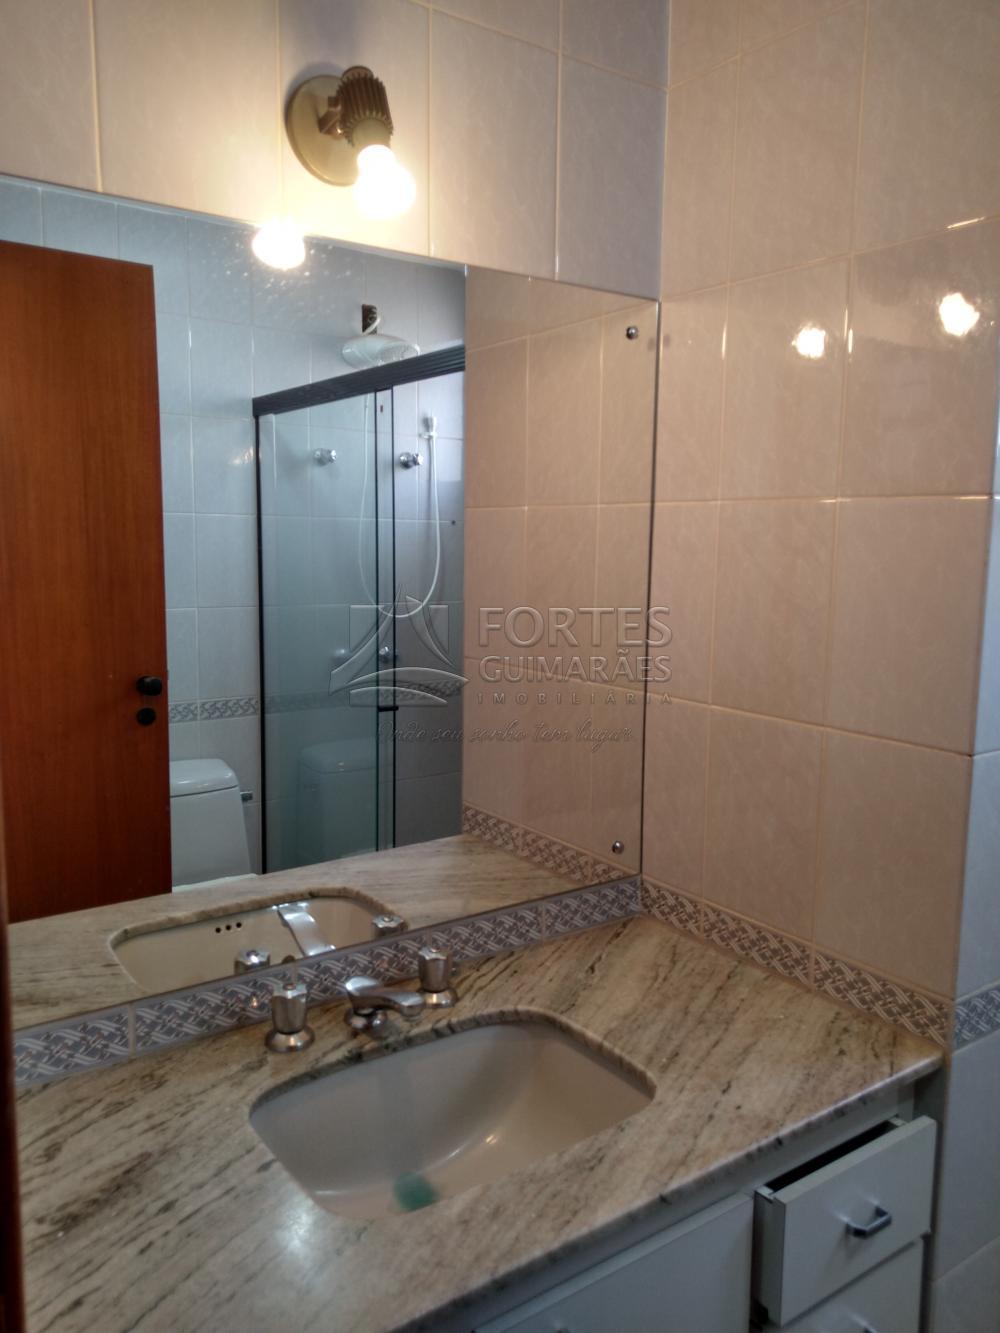 Alugar Apartamentos / Padrão em Ribeirão Preto apenas R$ 1.700,00 - Foto 41